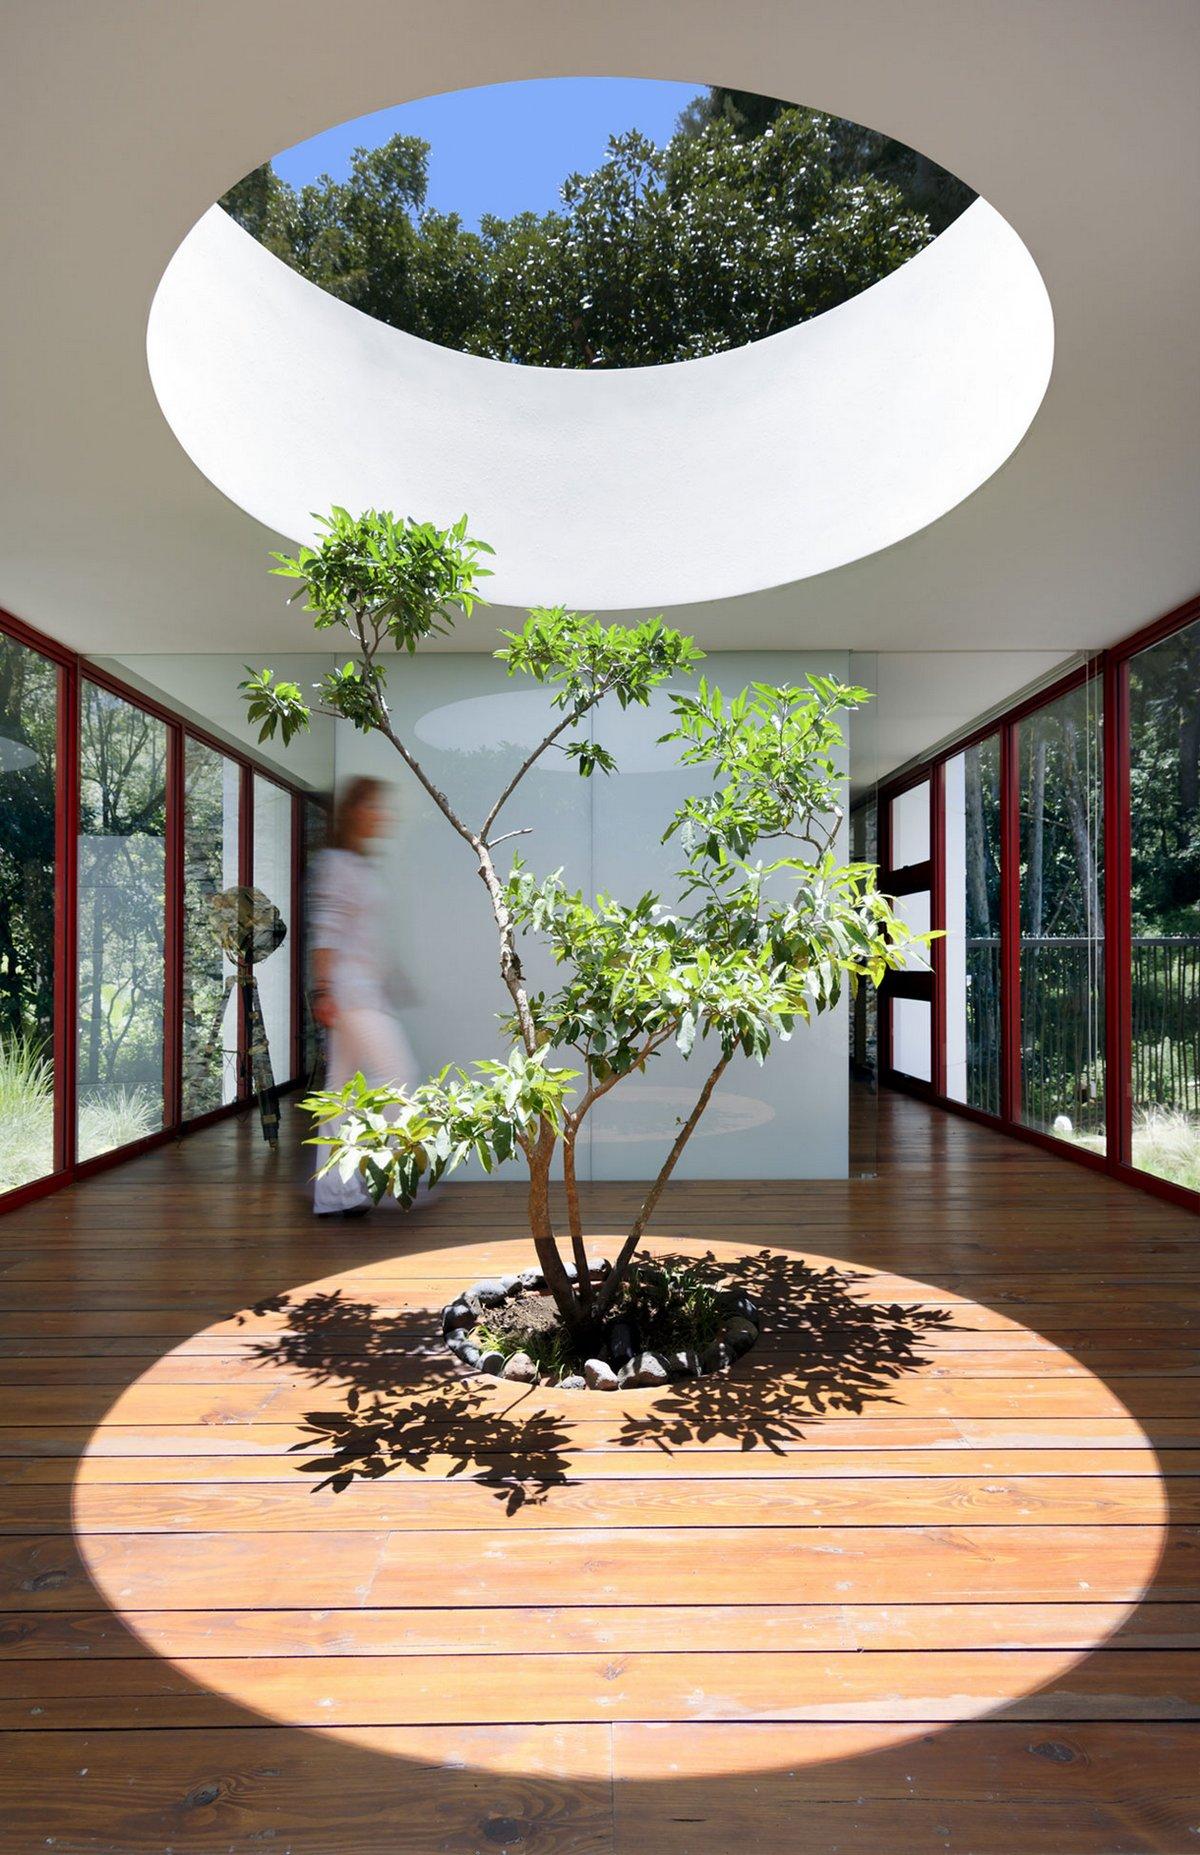 Casa Chinkara, Solis Colomer Arquitectos, частный дом в Гватемале, обзор частного дома, обзоры особняков, красивые дома фото, лучшие частные дома